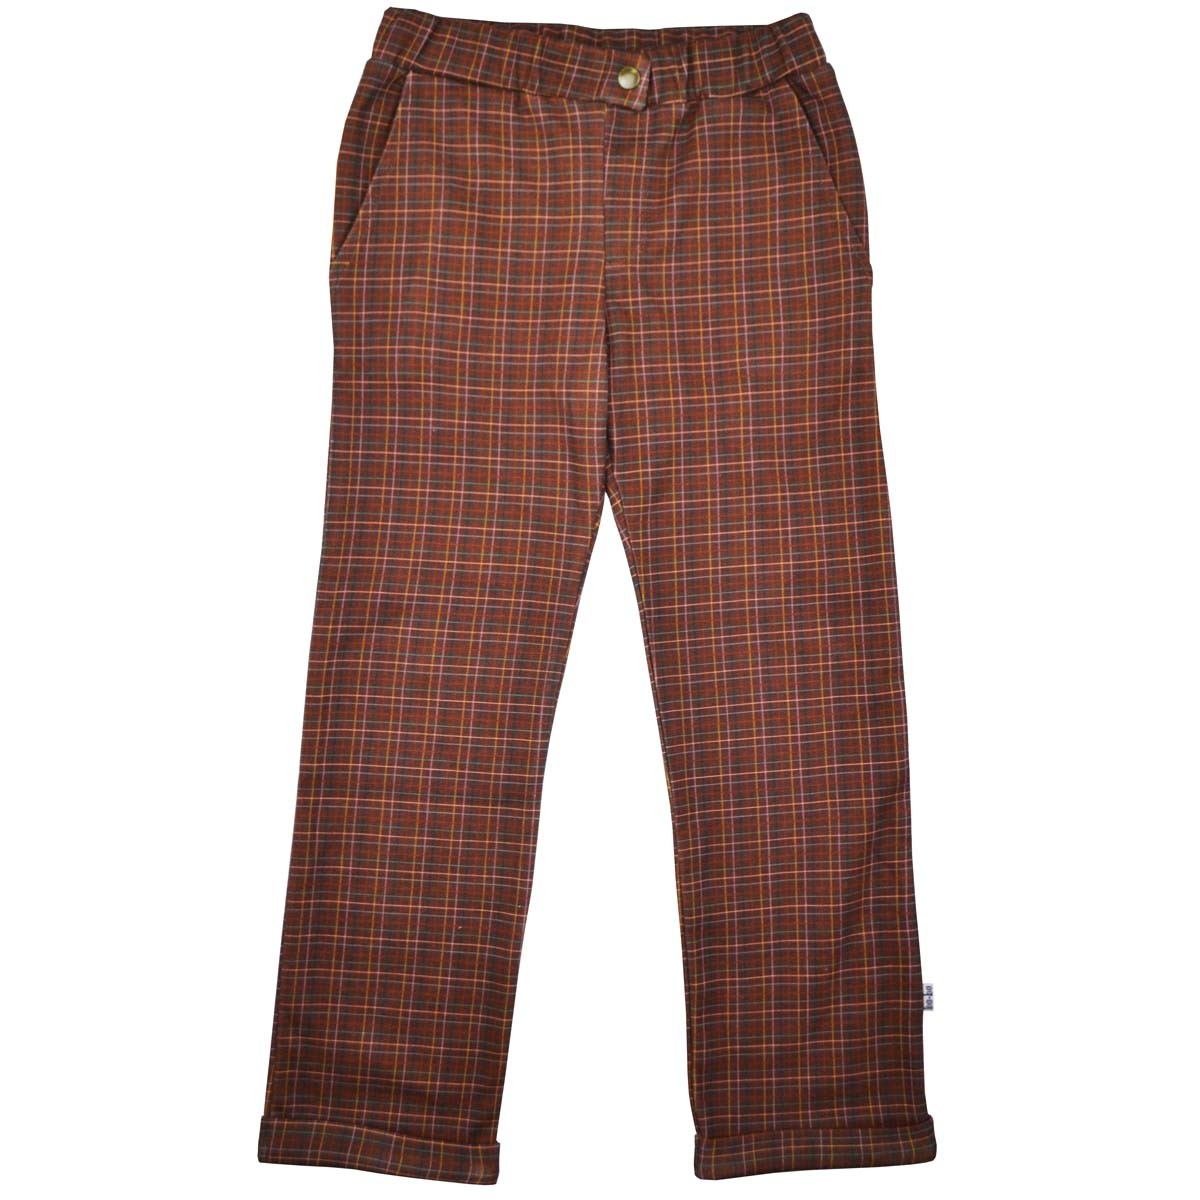 Brown Check Pants